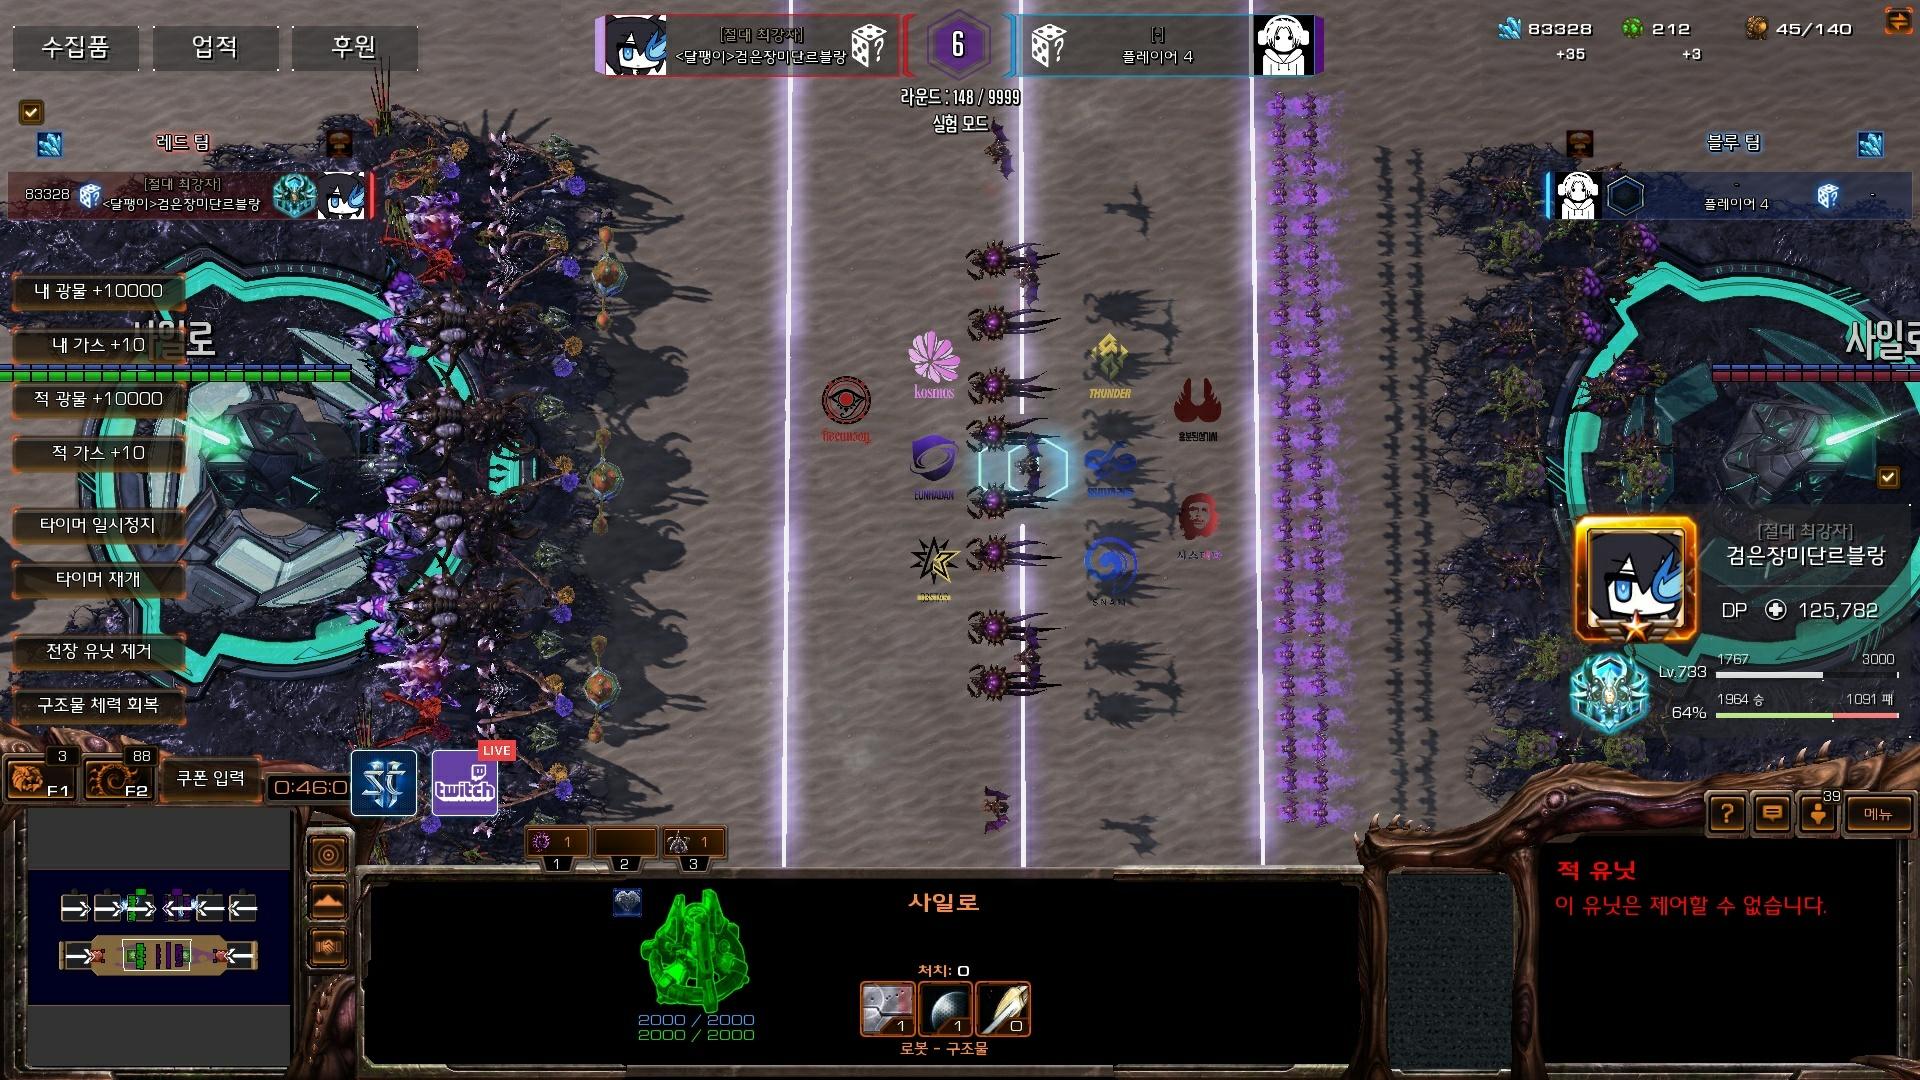 Screenshot2020-02-15 16_08_20.jpg